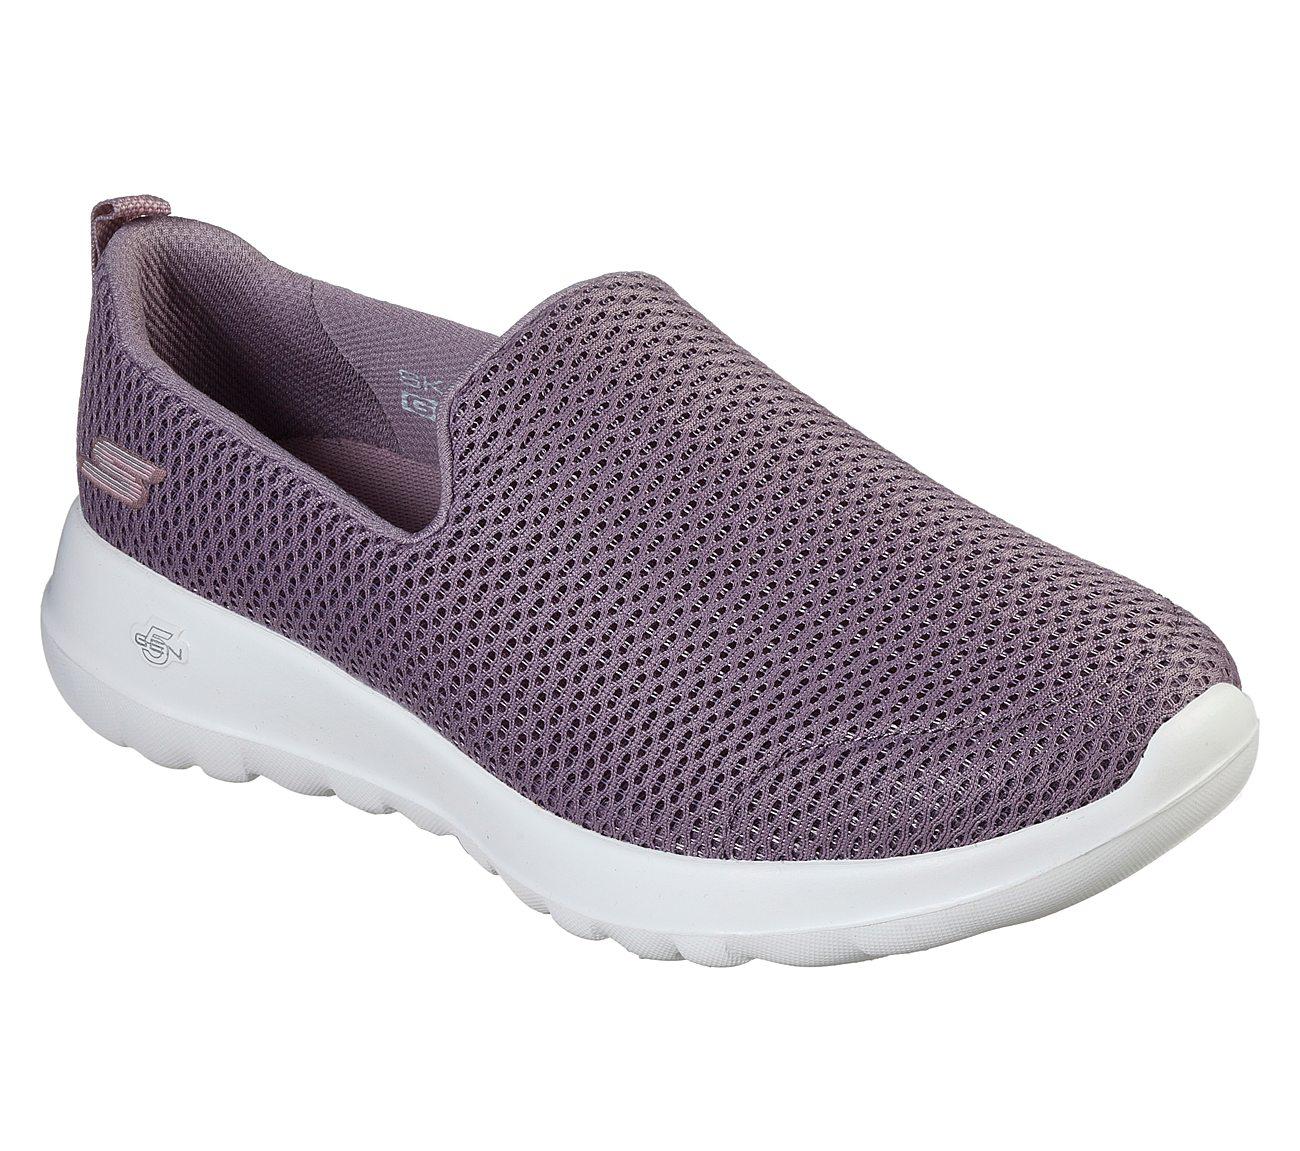 Precio 50% una gran variedad de modelos disponible Buy SKECHERS Skechers GOwalk Joy Skechers Performance Shoes